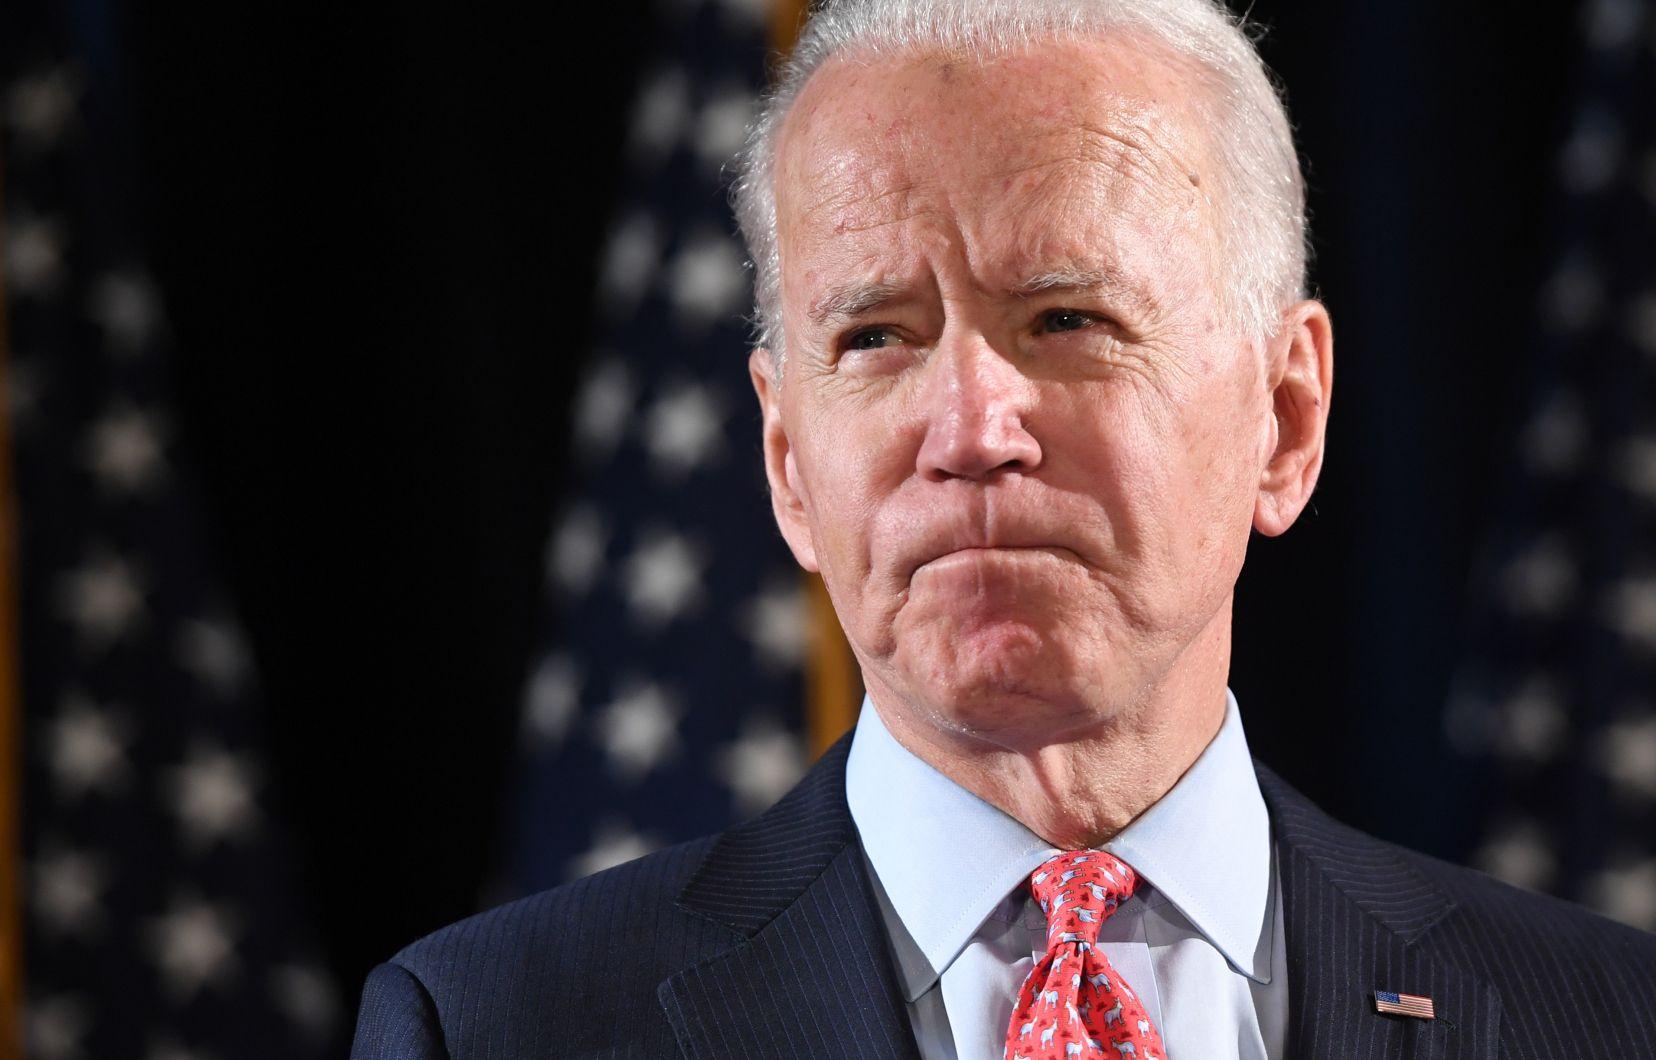 USA : Qui est Joe Biden le candidat démocrate qui défie Trump ?